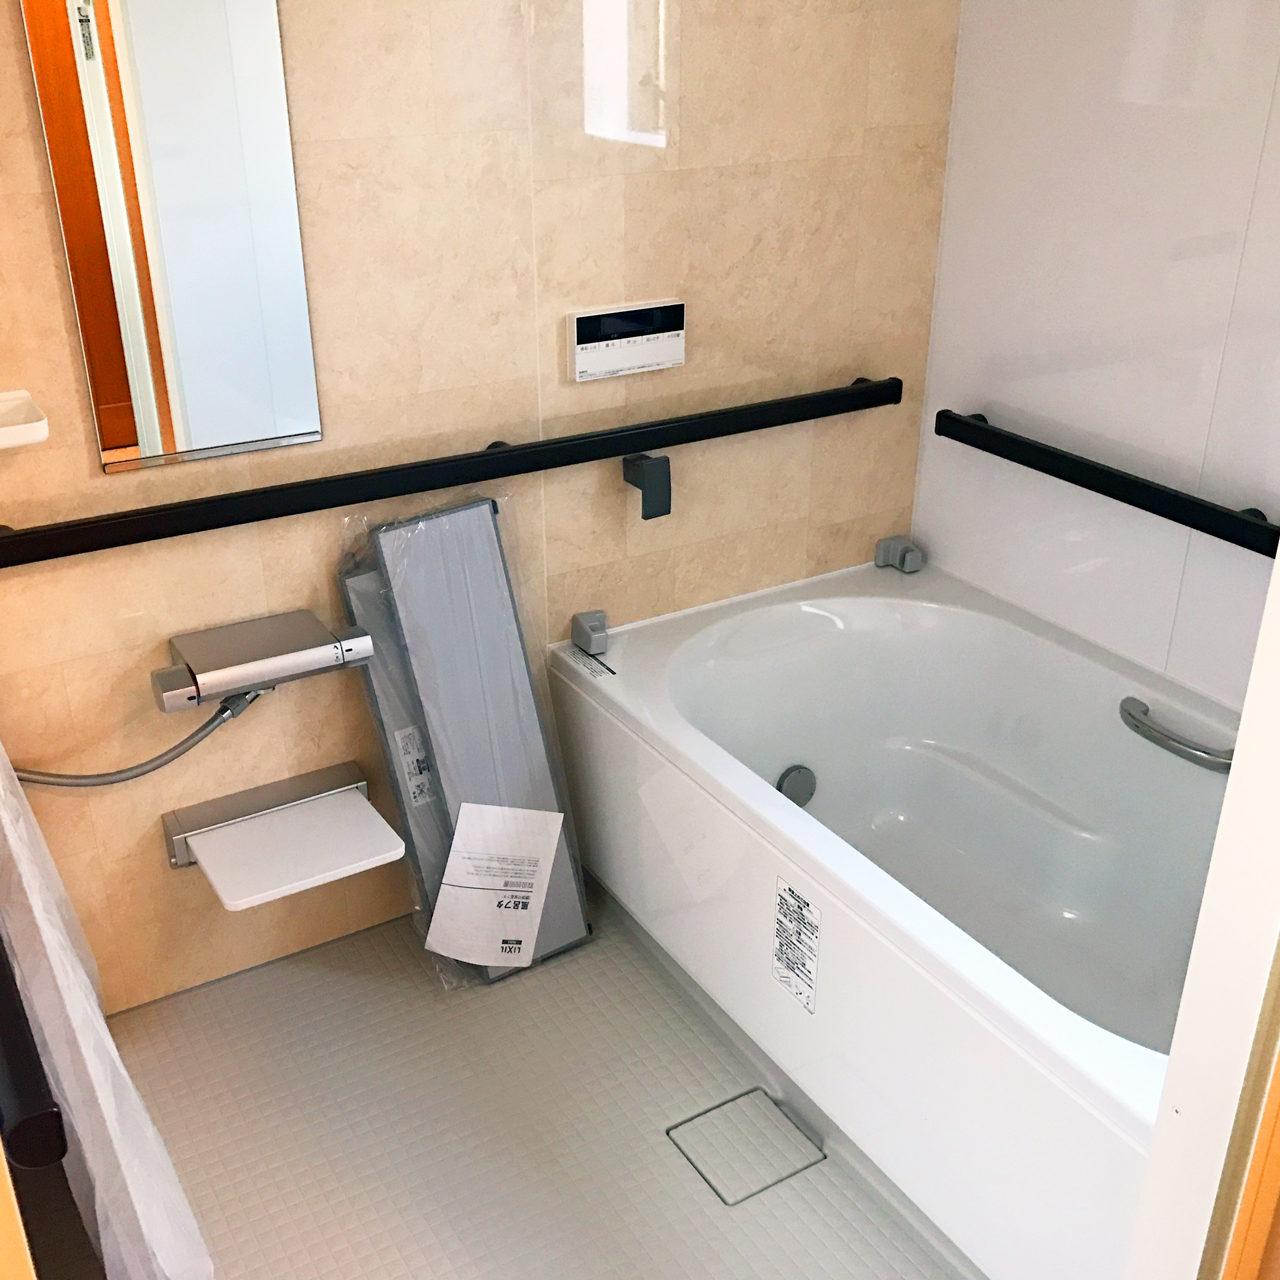 設計・デザインをさせていただいた木造平屋建てバリアフリー住宅のバリアフリー対応手摺付きユニットバス